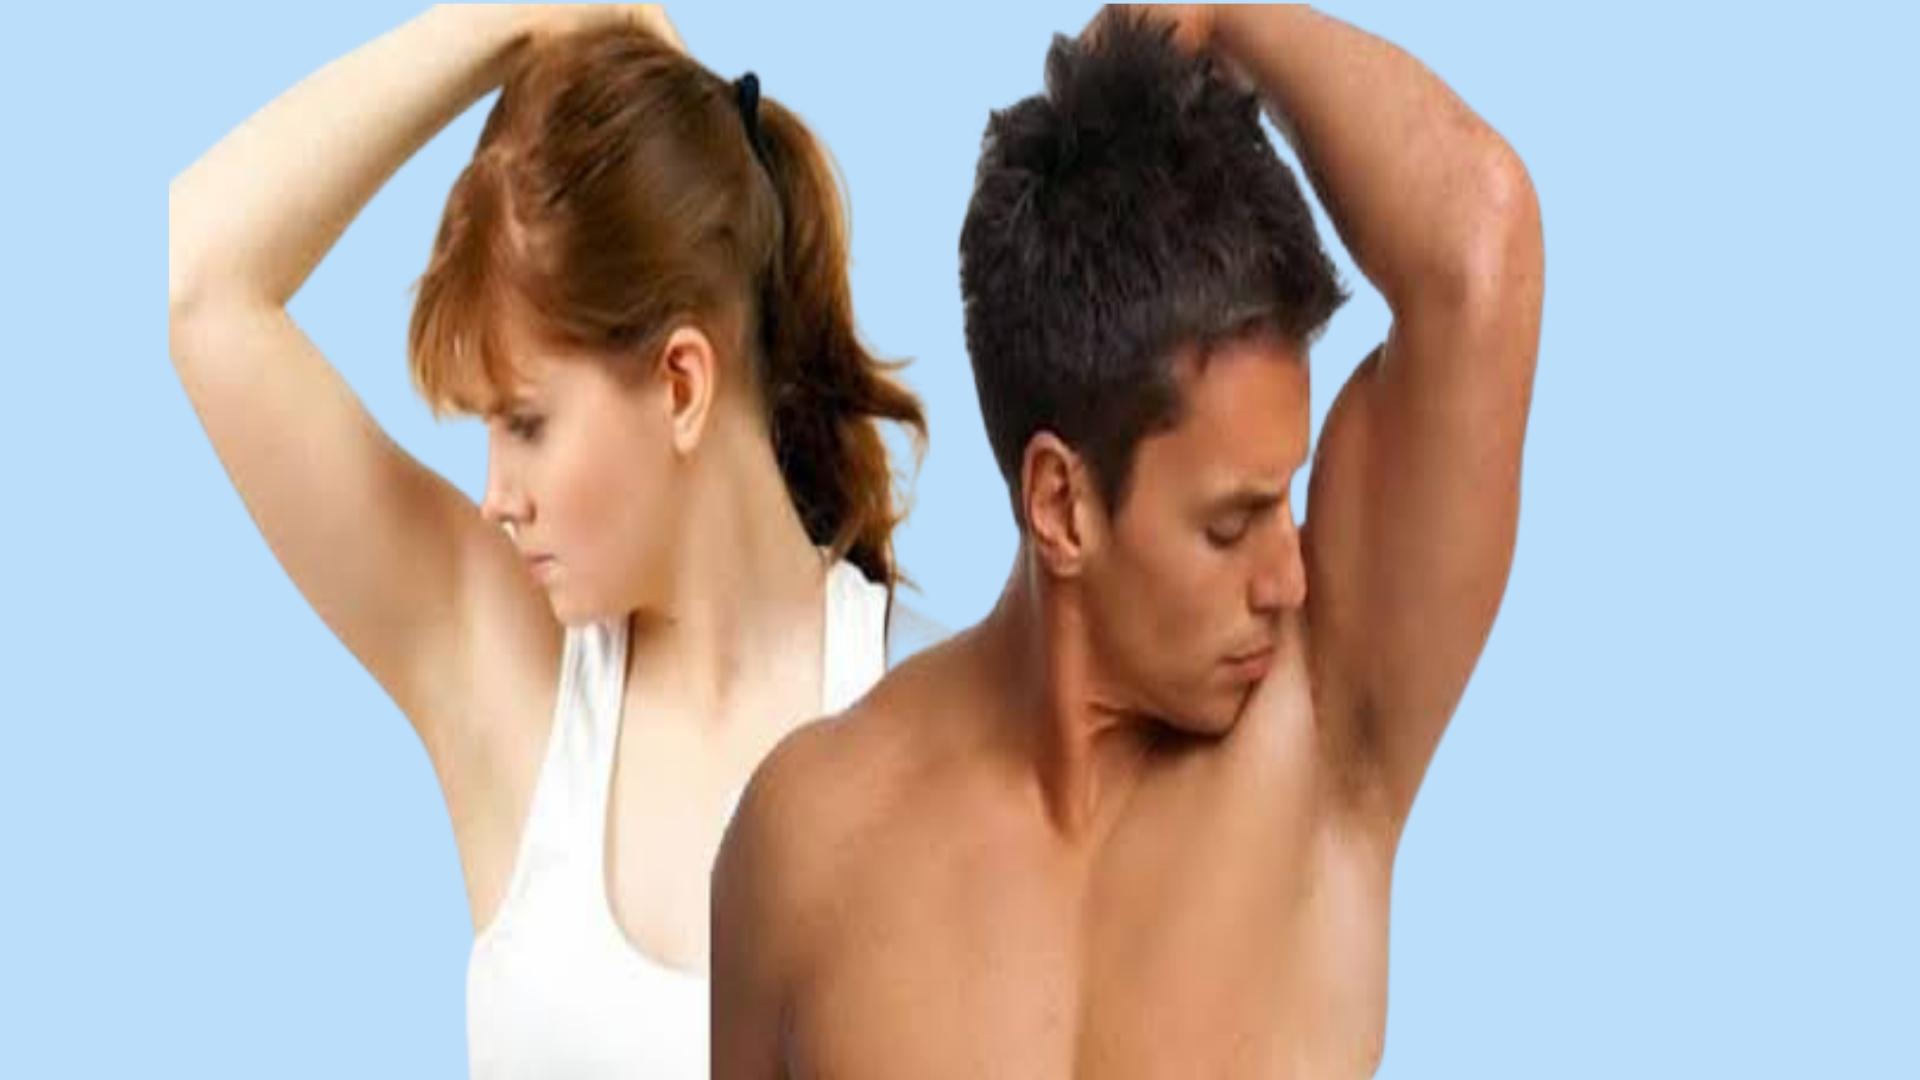 Paseene ke kaaran aur upachaar -Causes and treatment of perspiration